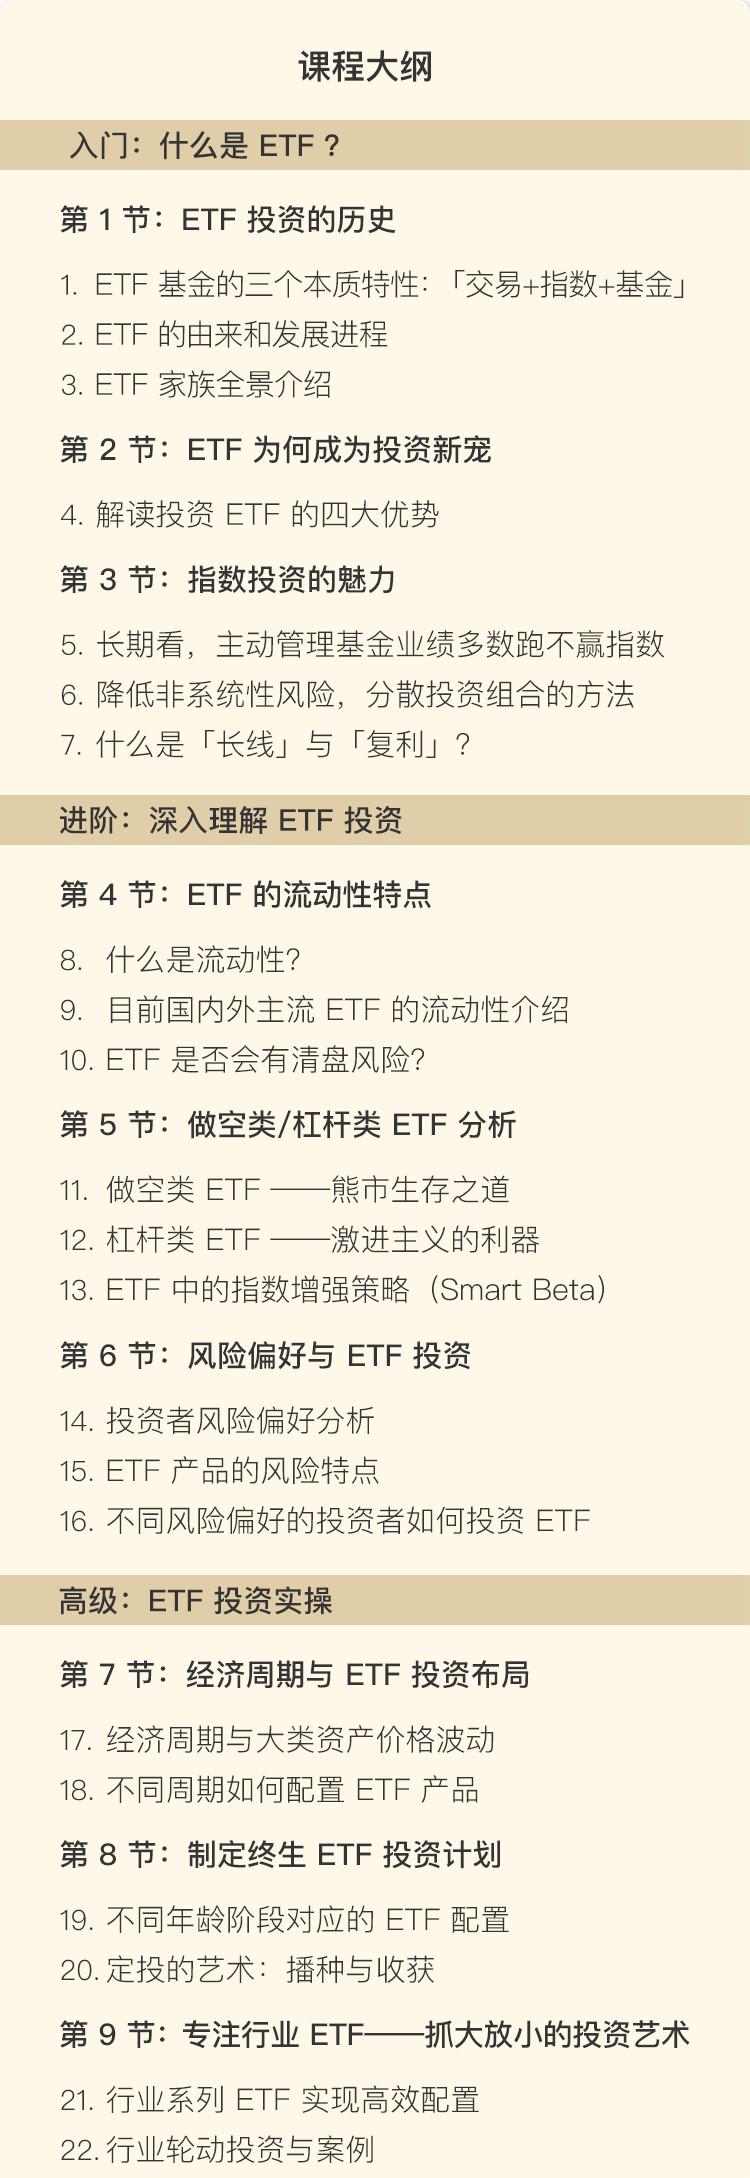 陈在天从稳ETF的车:投资新宠ETF全解析课程大纲